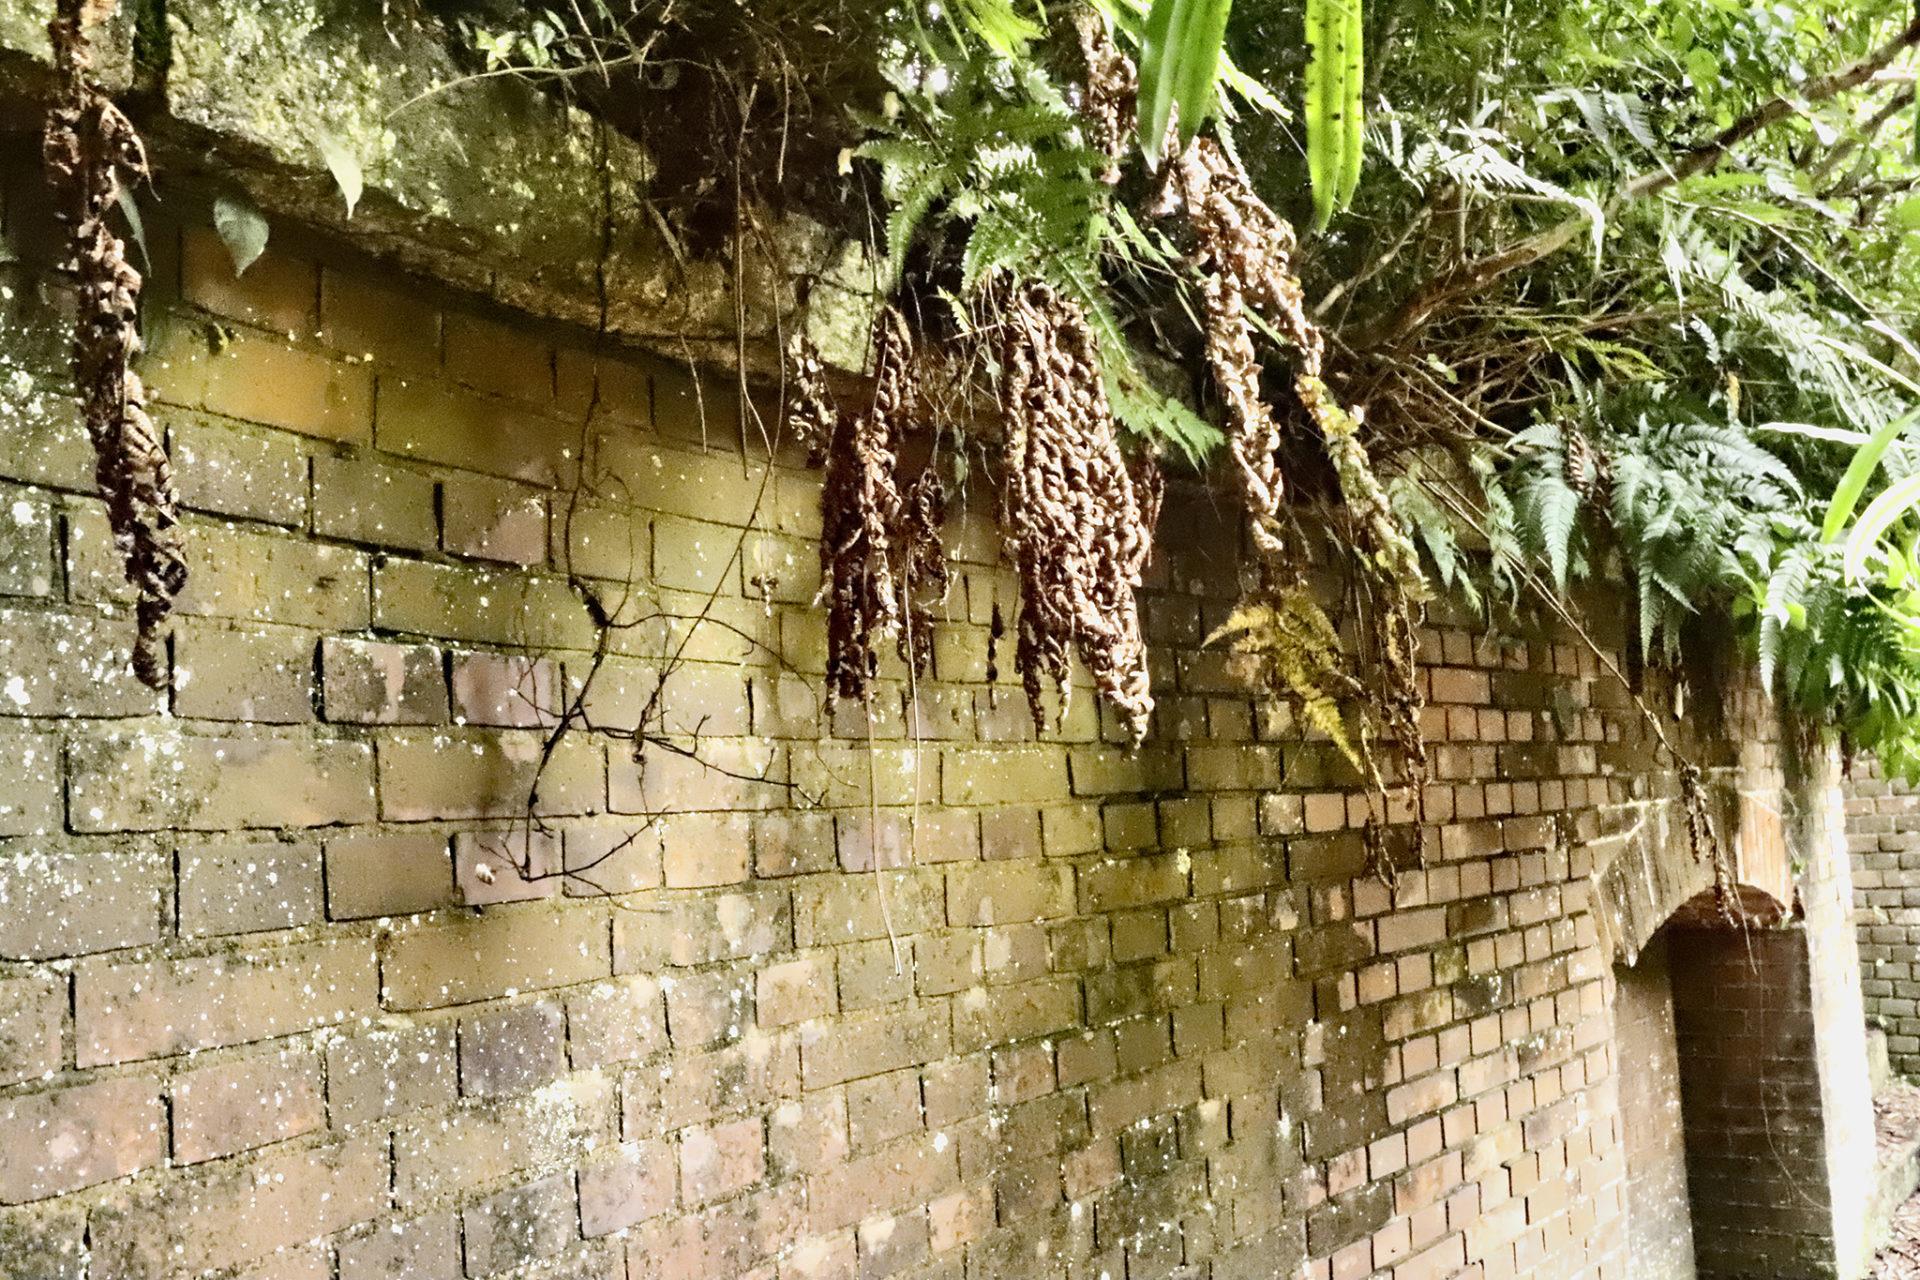 友が島 レンガ造りの壁